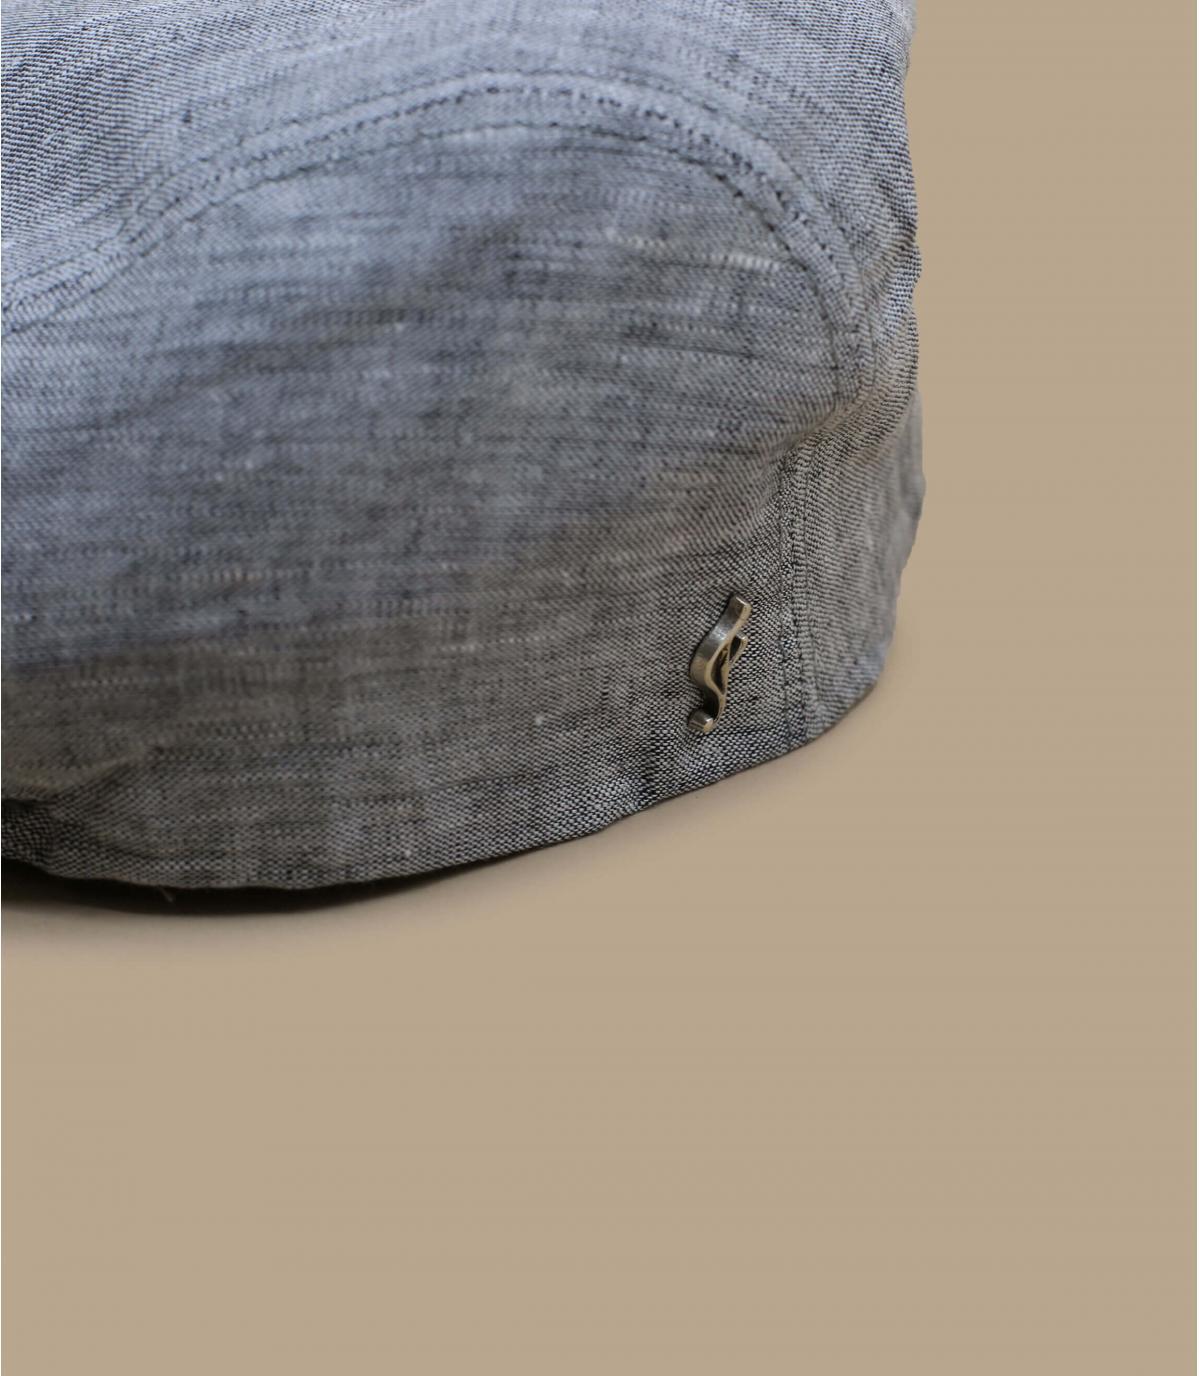 Détails Lubin Lin gris - image 2